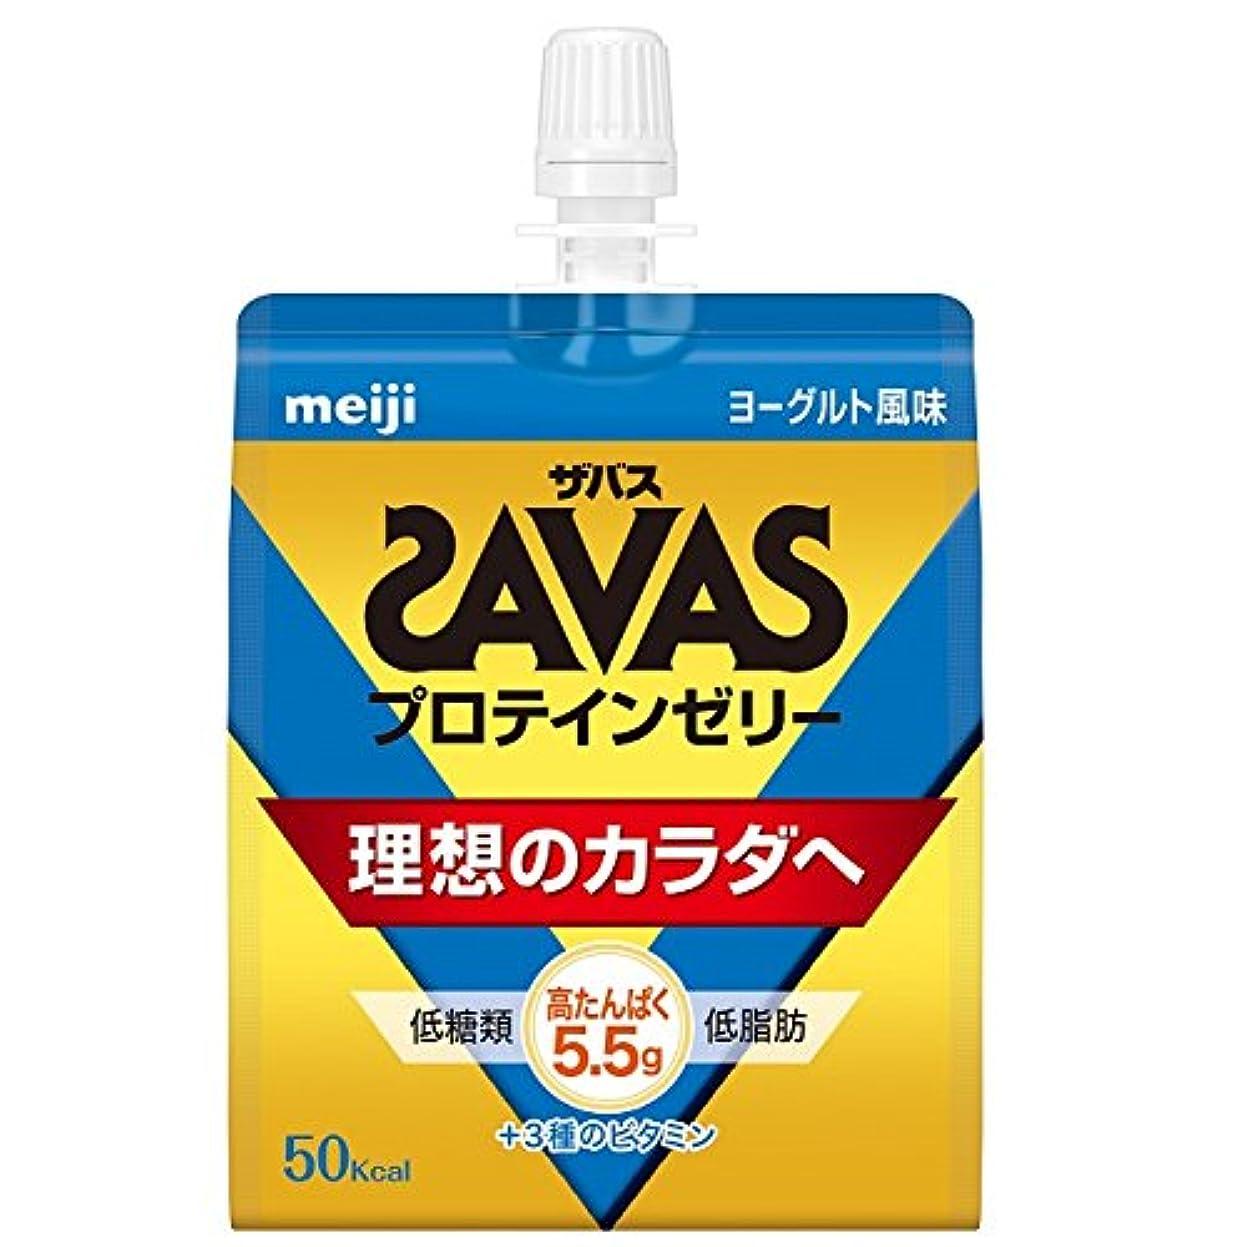 正規化アシスト期待するザバス プロテインゼリー ヨーグルト風味 180g【5個セット】